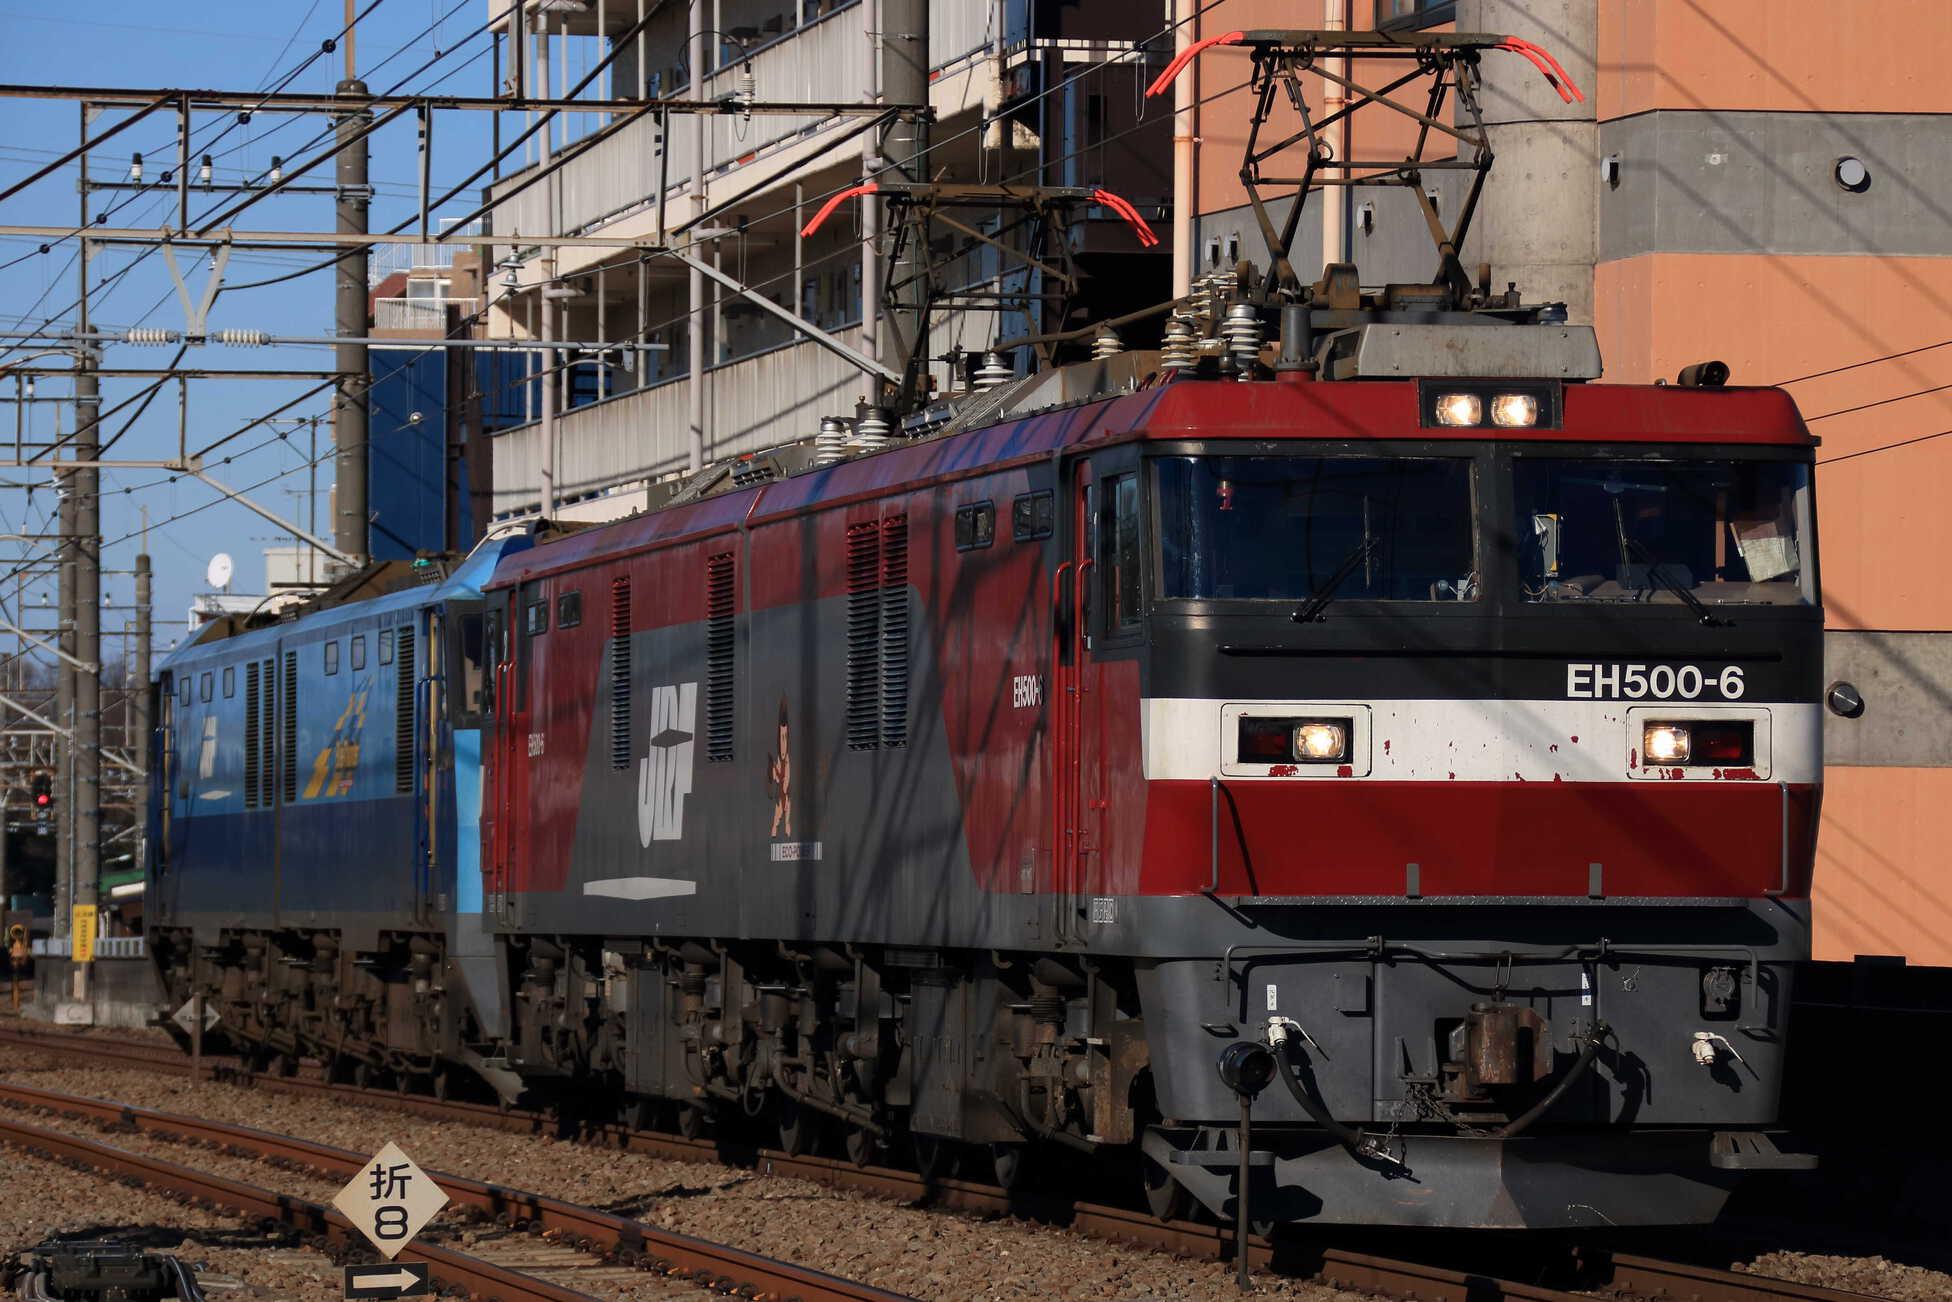 配6794列車 EH500-6①[仙貨](代走, 所定 : EF65[新]))+EH200-5①[高]